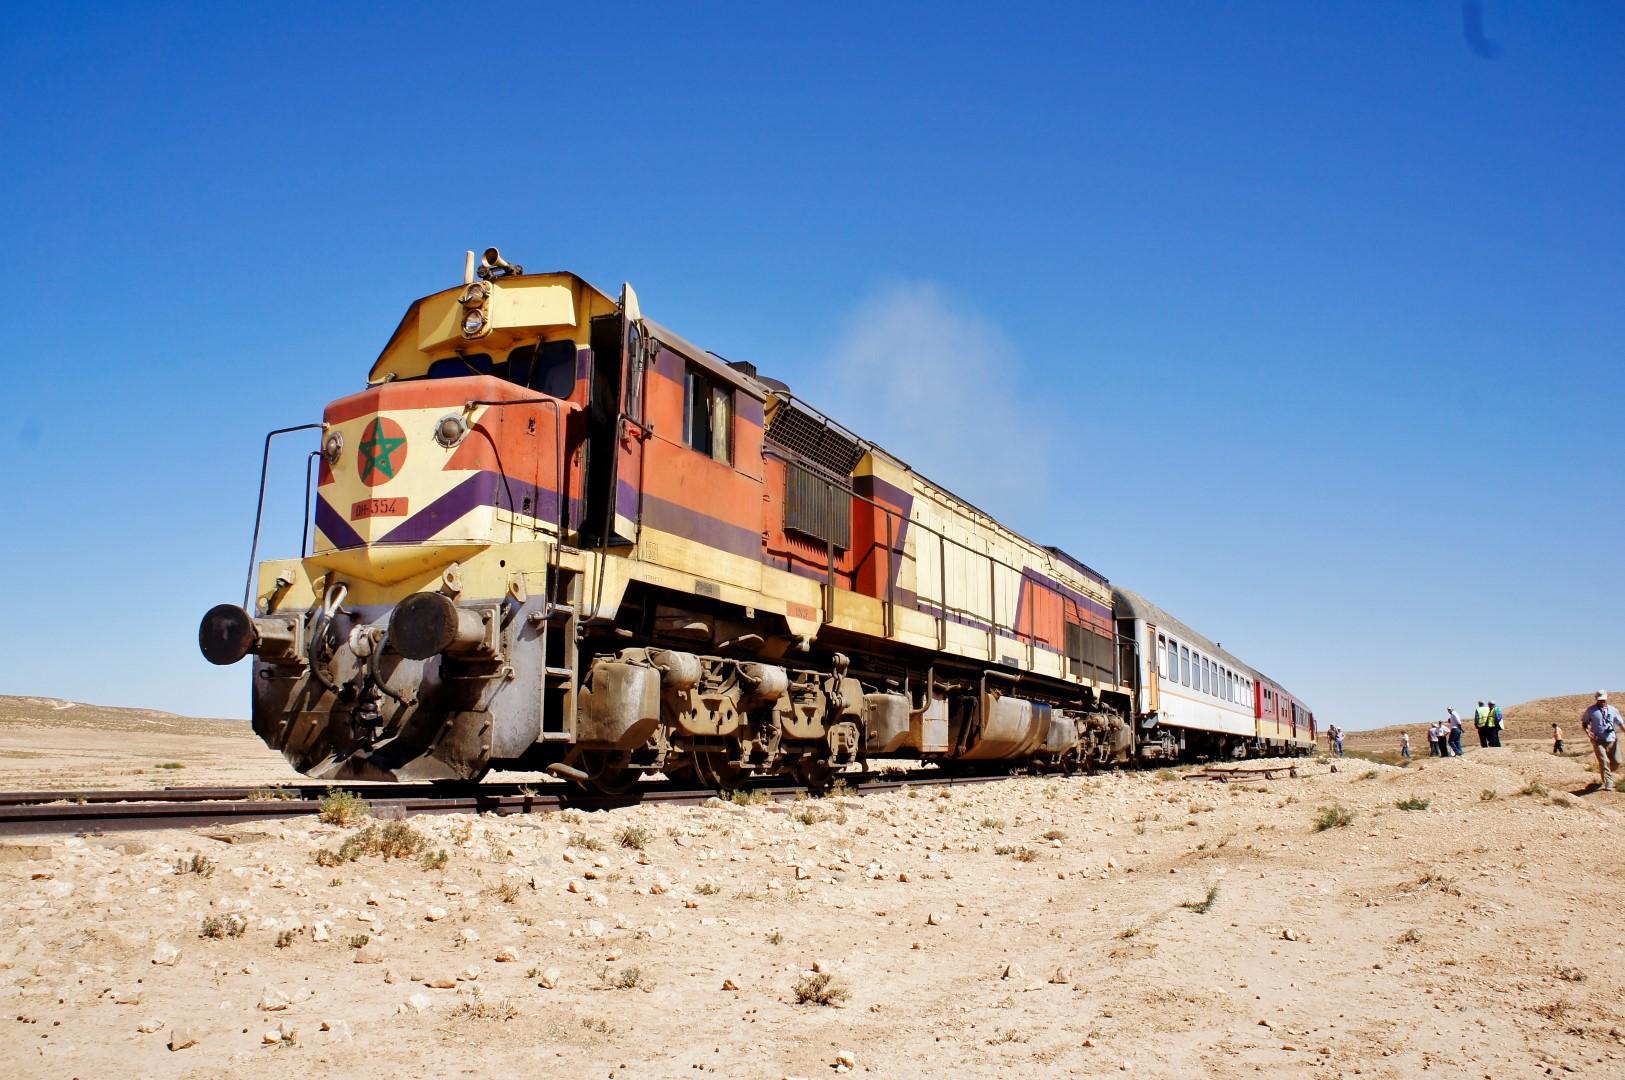 Il treno del deserto - Foto Tgcom24 ee6d24a051